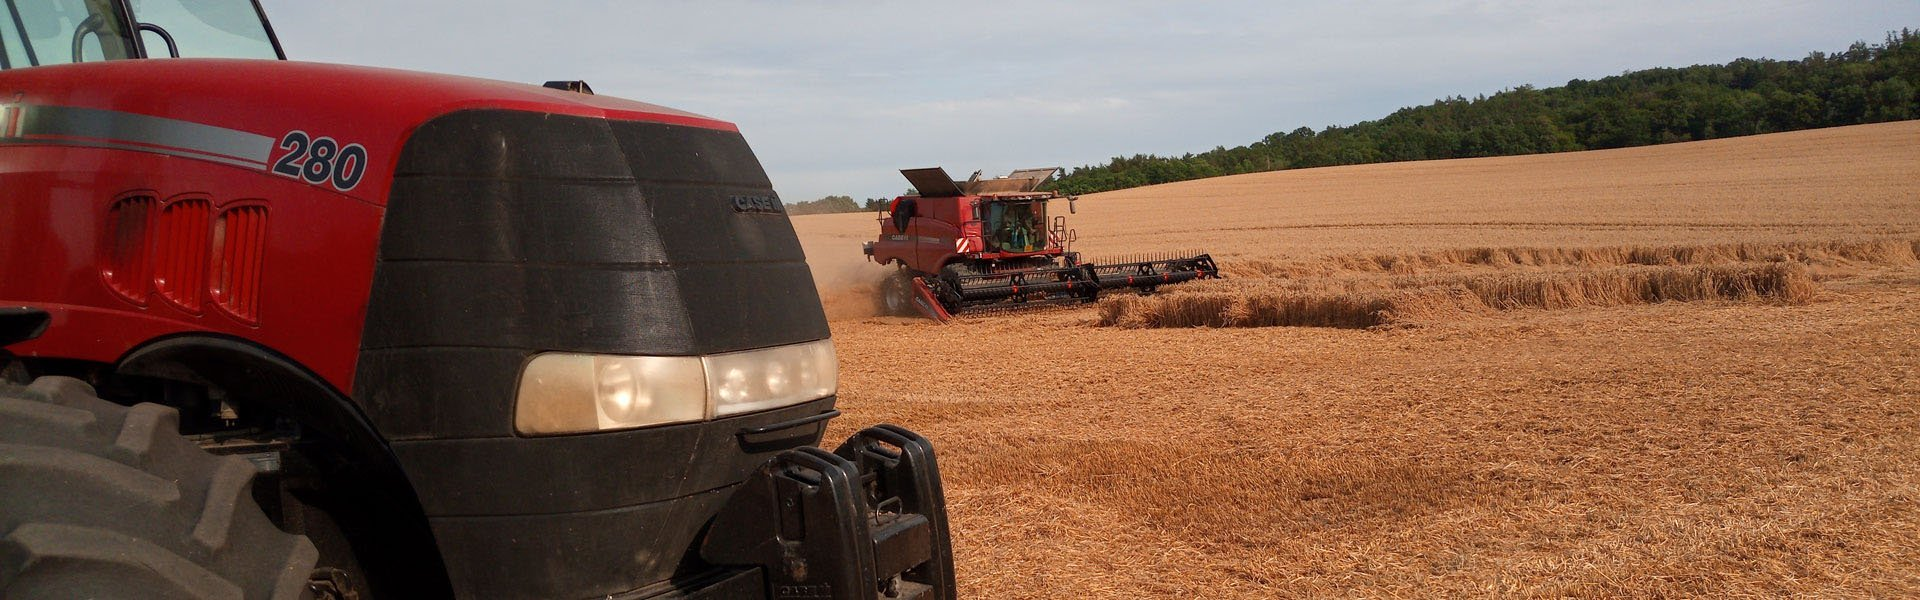 """FieldBee na polju: Zgodba češkega kmeta – """"Odloči se za!"""""""